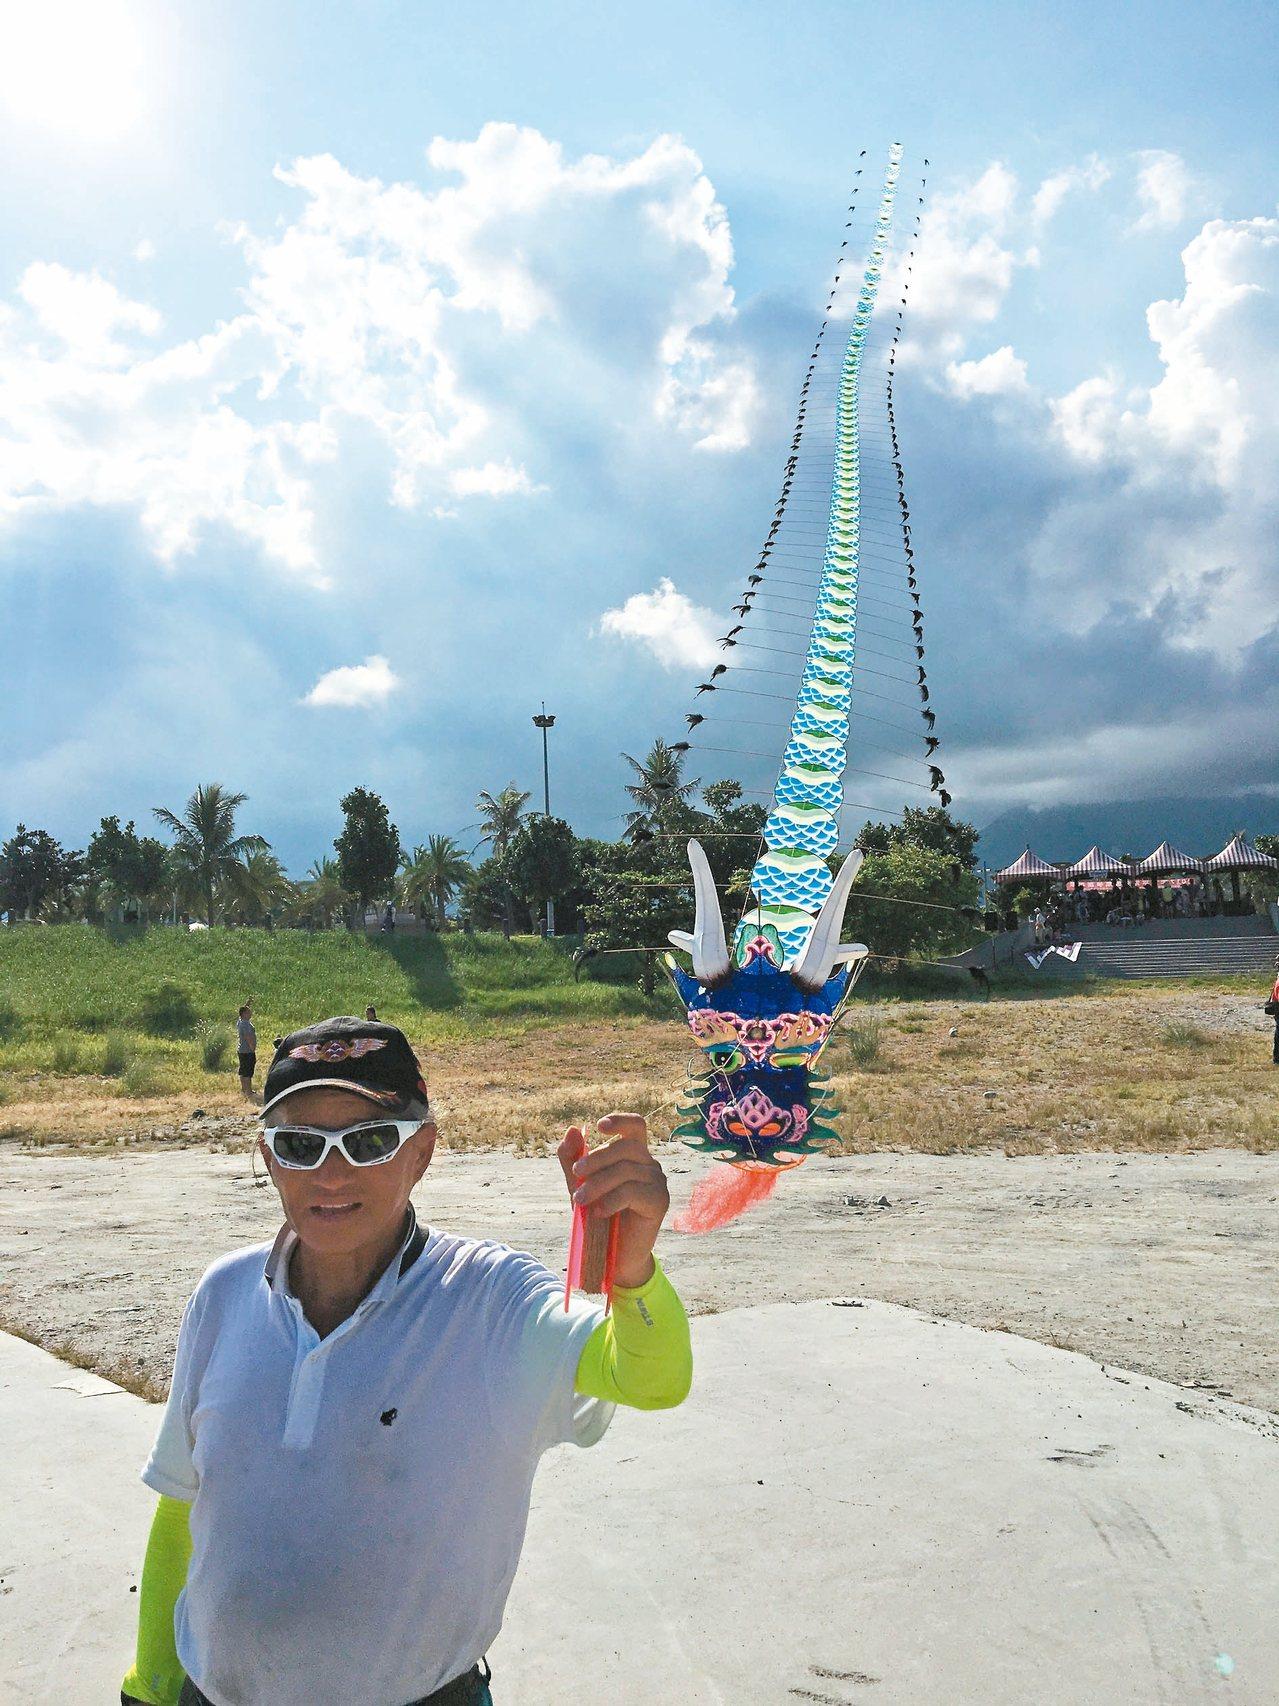 風箏達人曹志龍邀請兩岸風箏好手來花蓮,參加風箏嘉年華活動。 記者徐庭揚/攝影